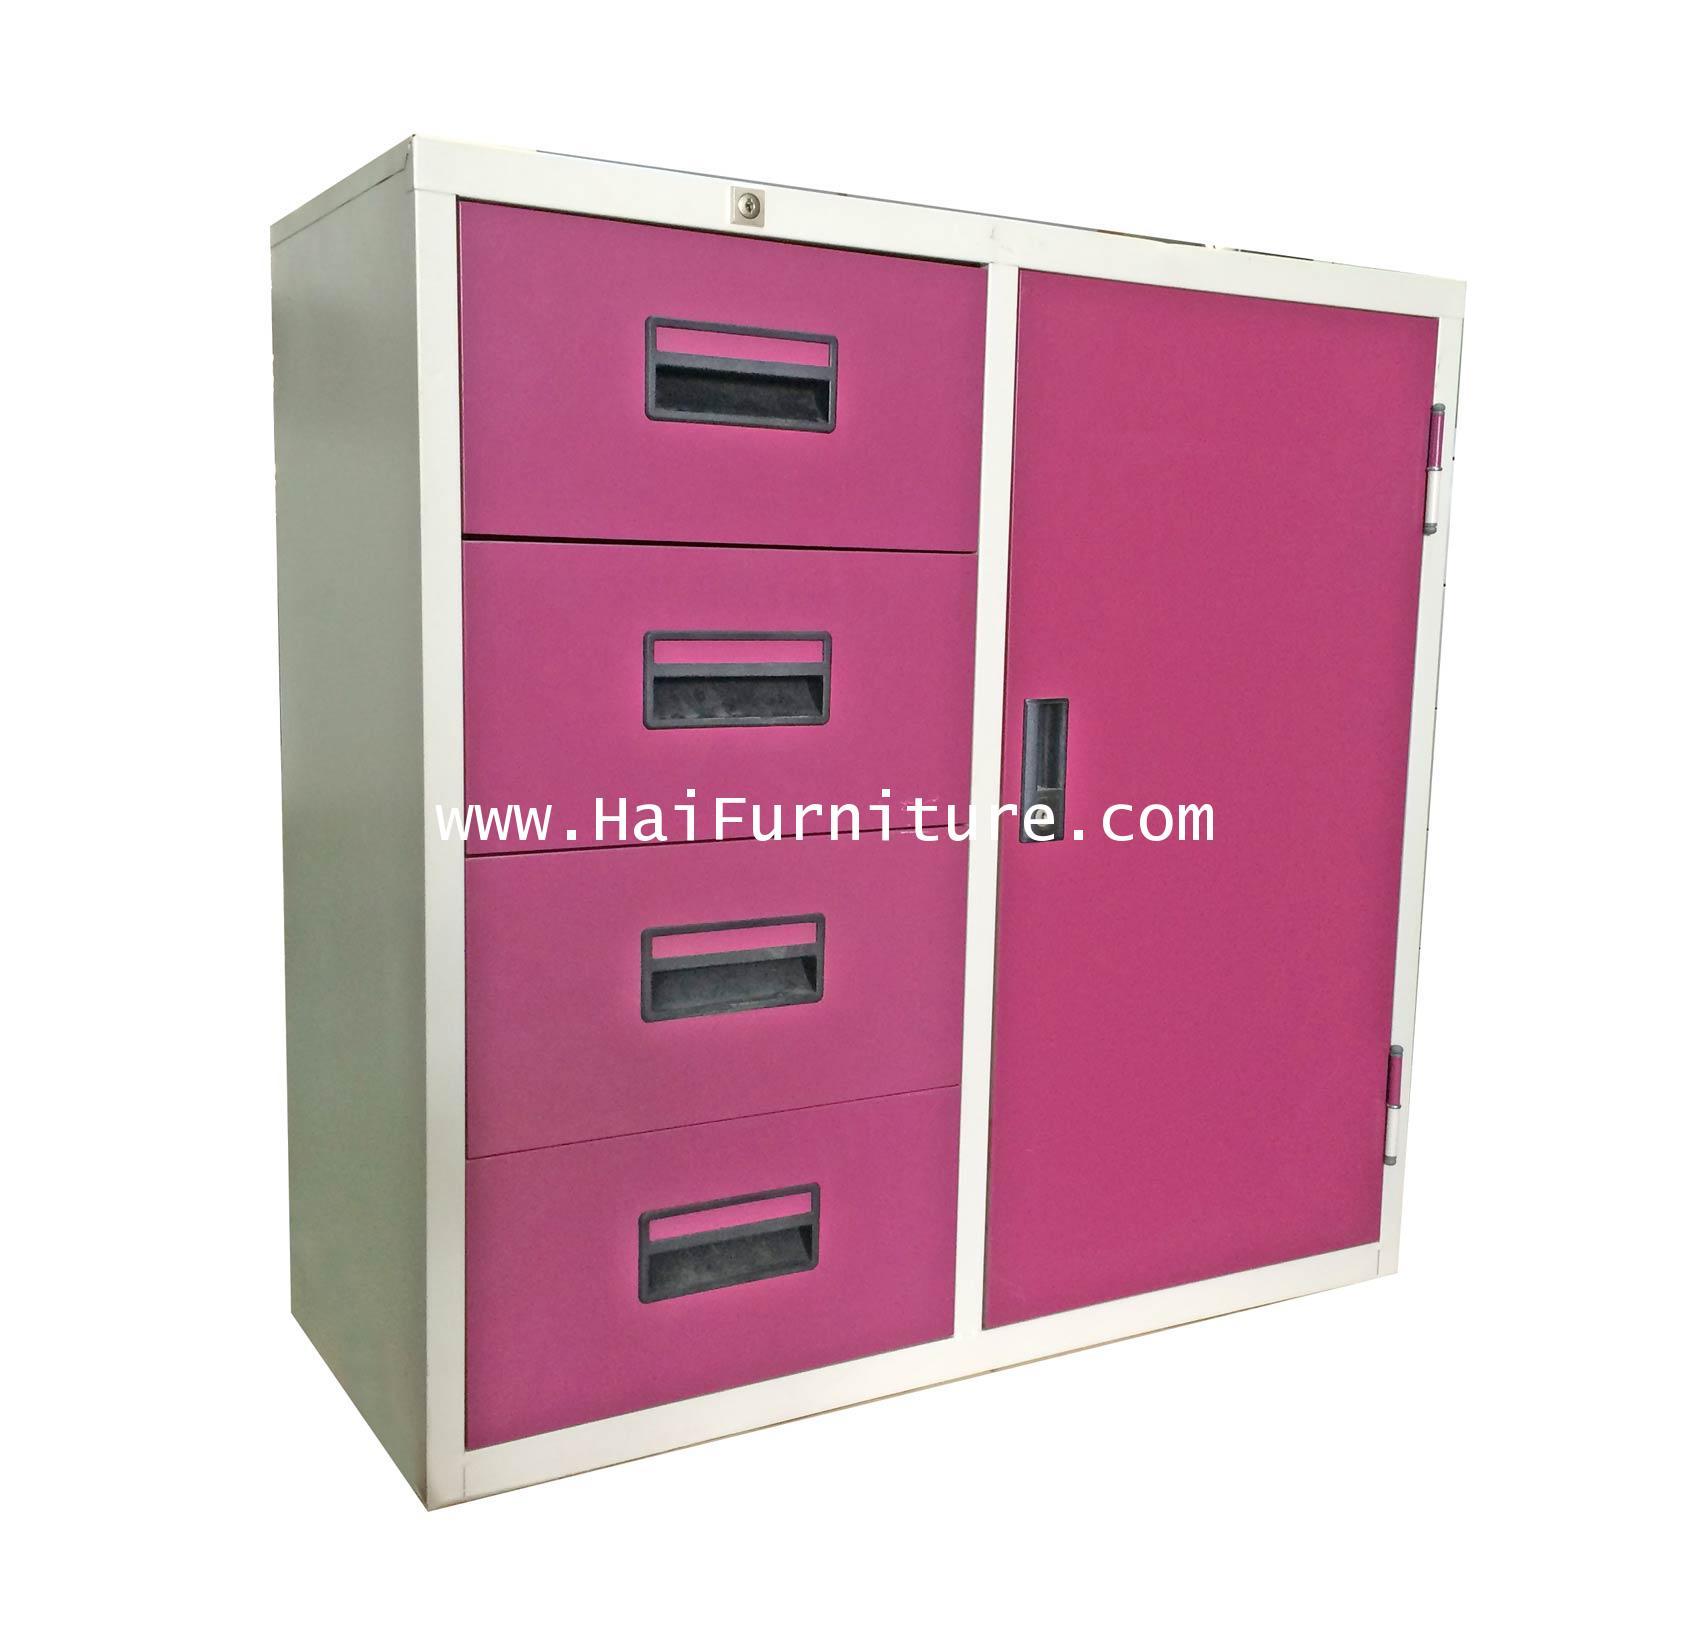 ตู้เหล็กรวม 1 บาน 4 ลิ้นชัก 3 ฟุต Grade B 91.2*40.5*87.4 ซม.